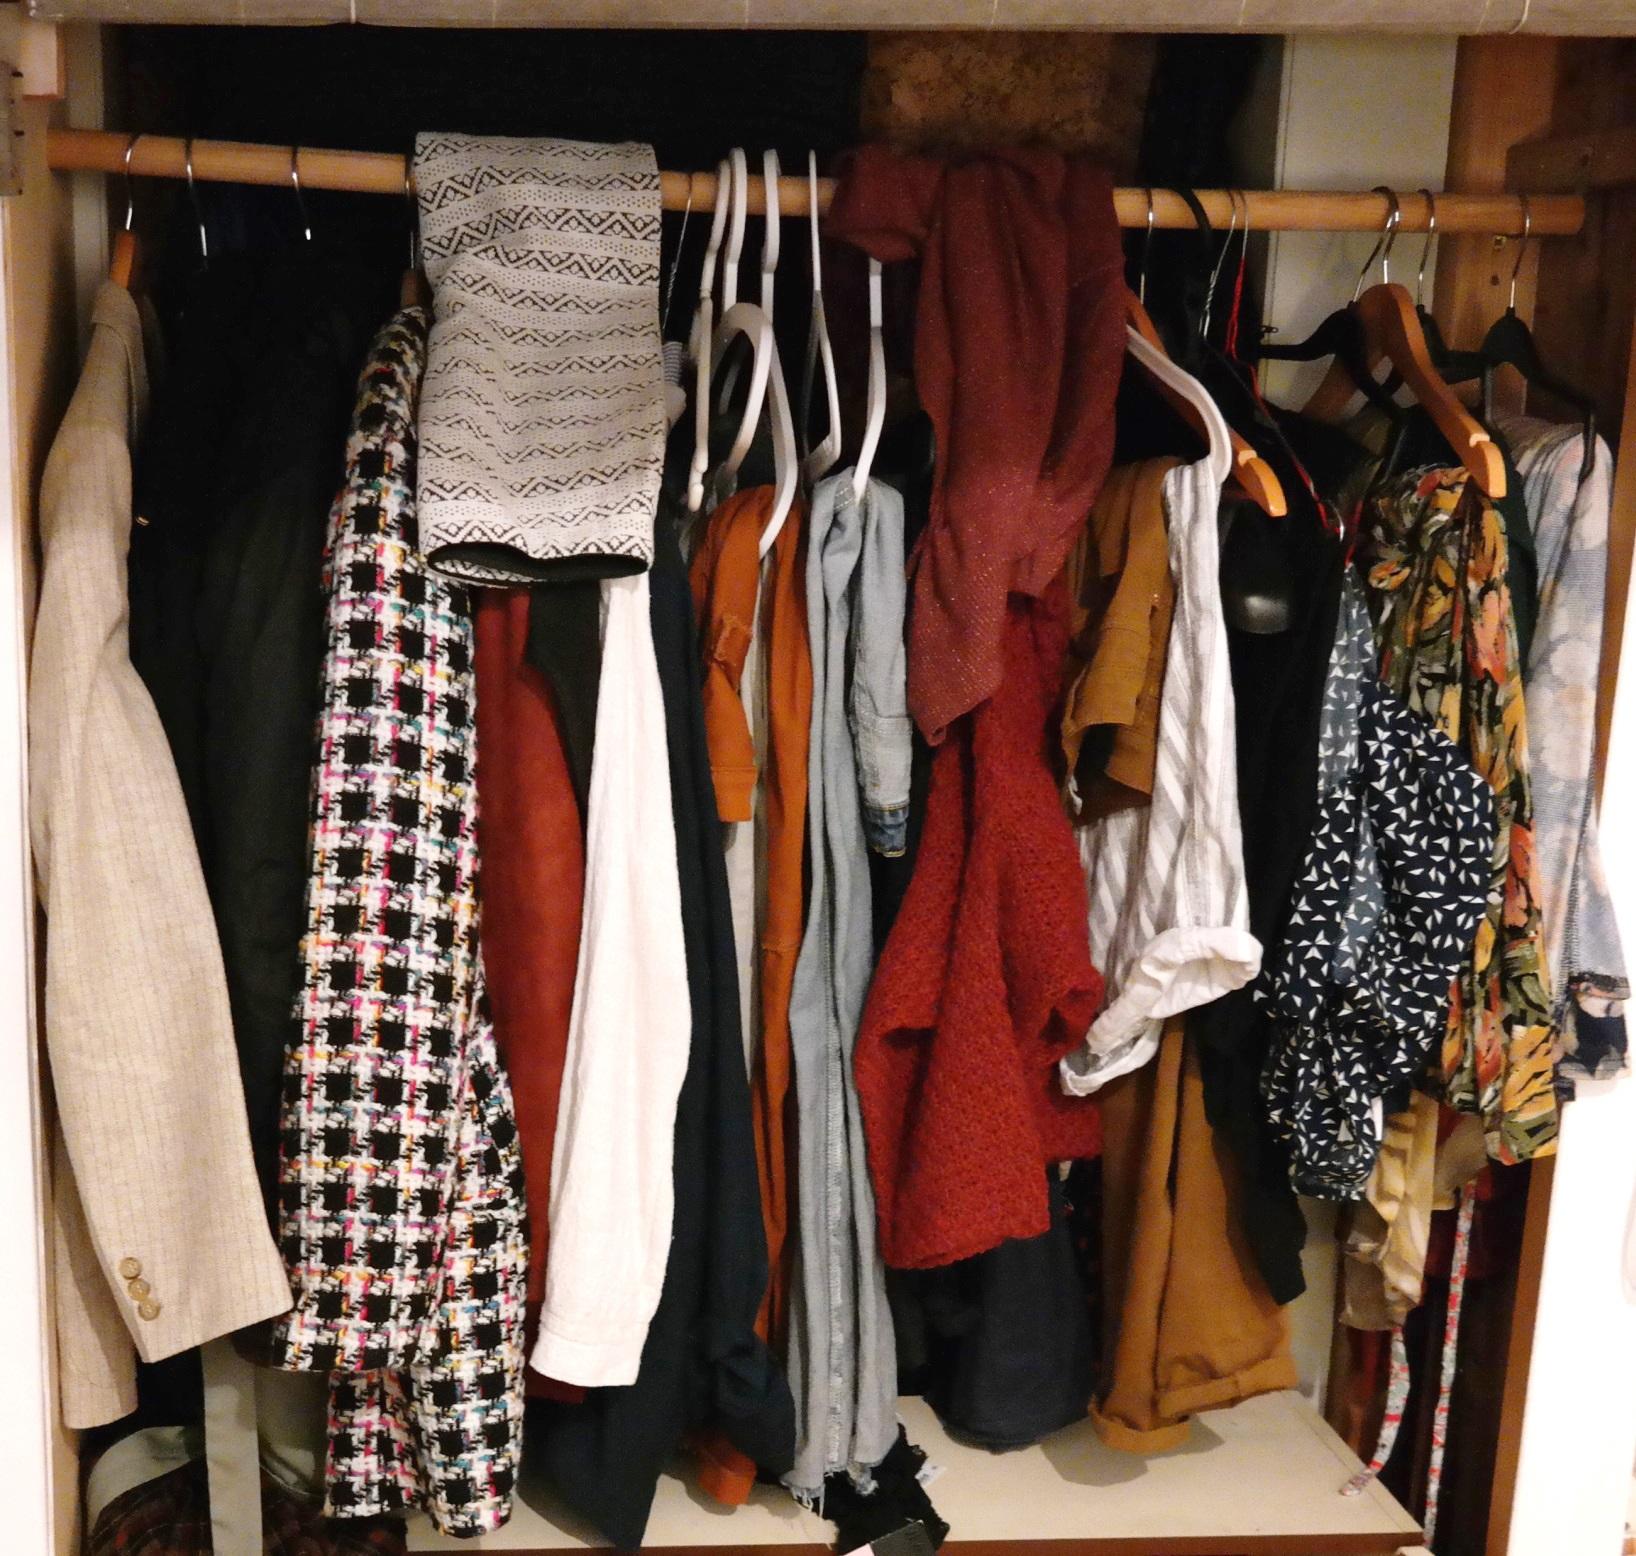 Frauen kleidertausch